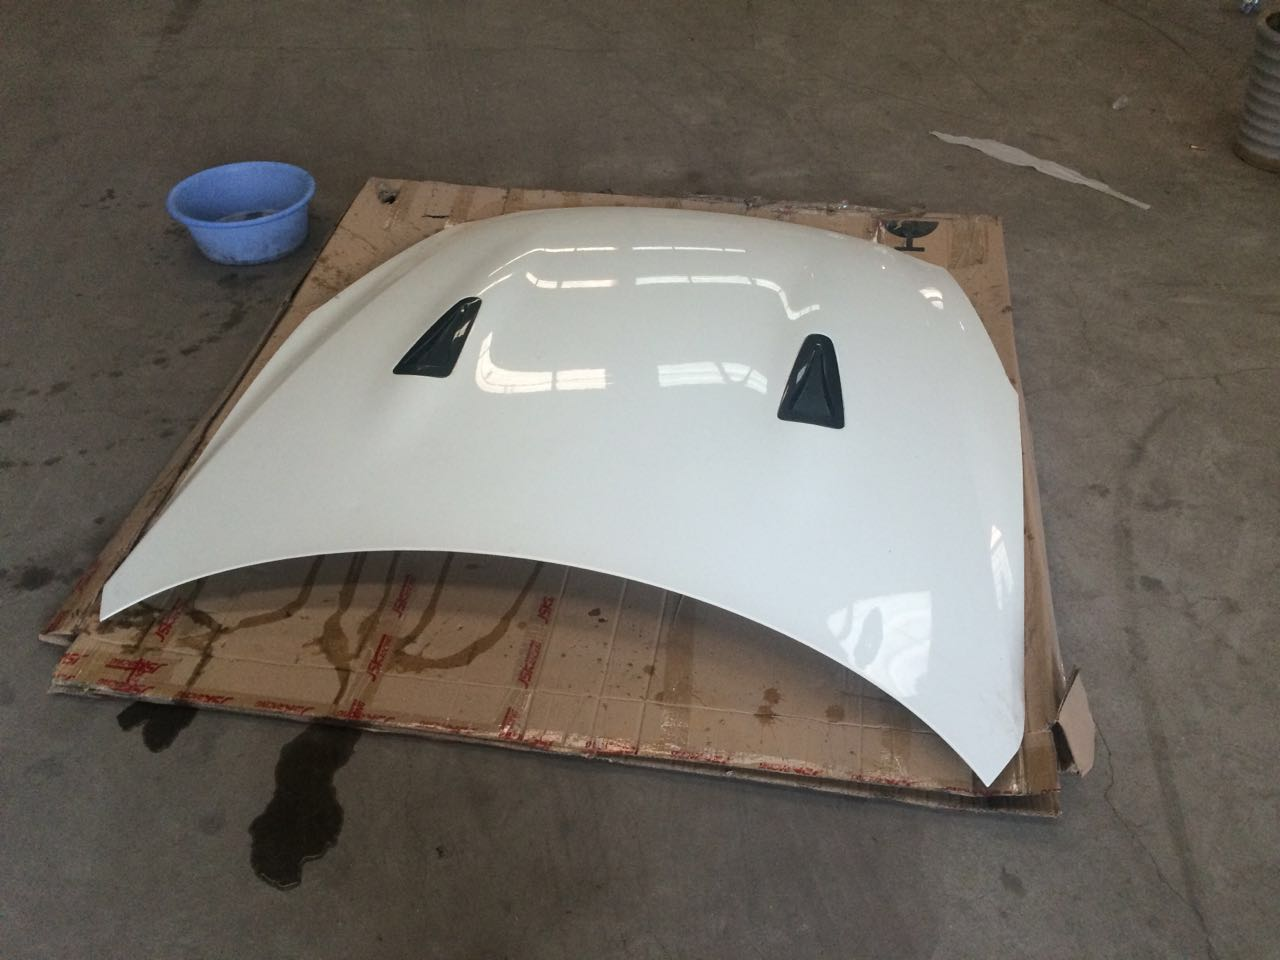 GTR汽车零件配件及拆车件哪家好,广州经德汽配-靠谱的GTR汽车零件配件及拆车件供应商